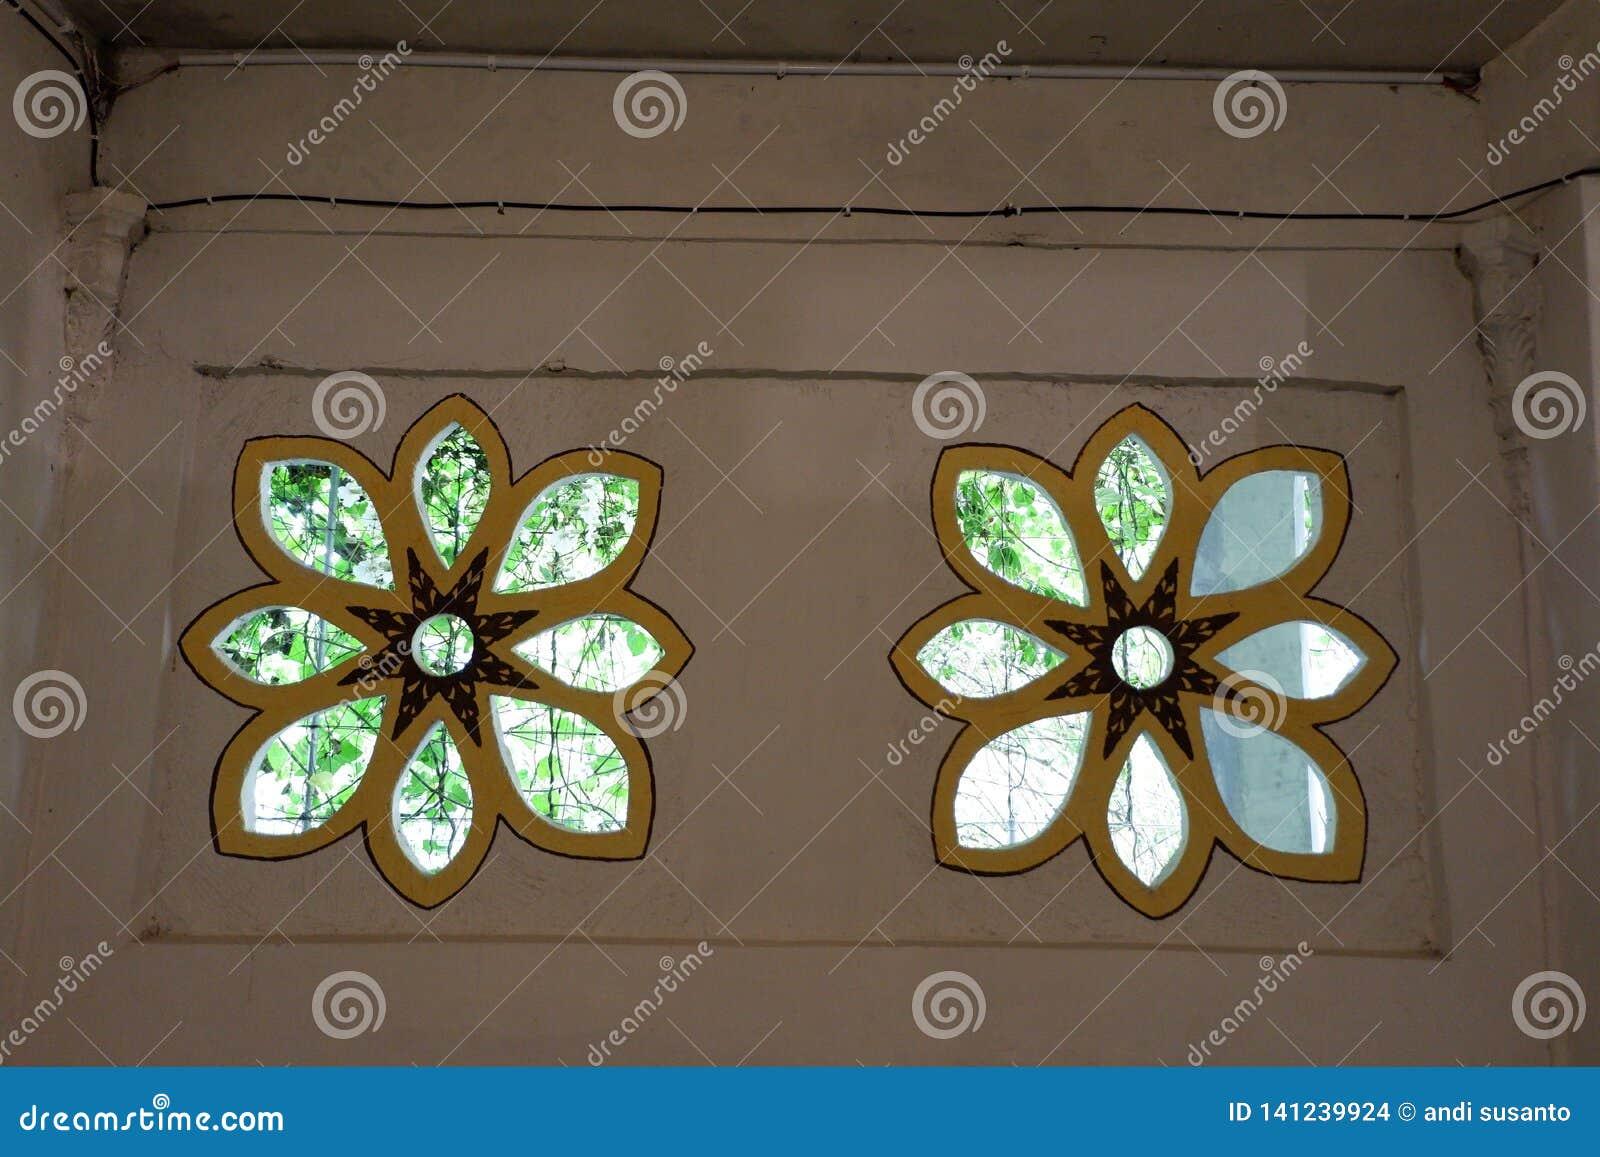 通风孔和家装饰的窗口装饰品